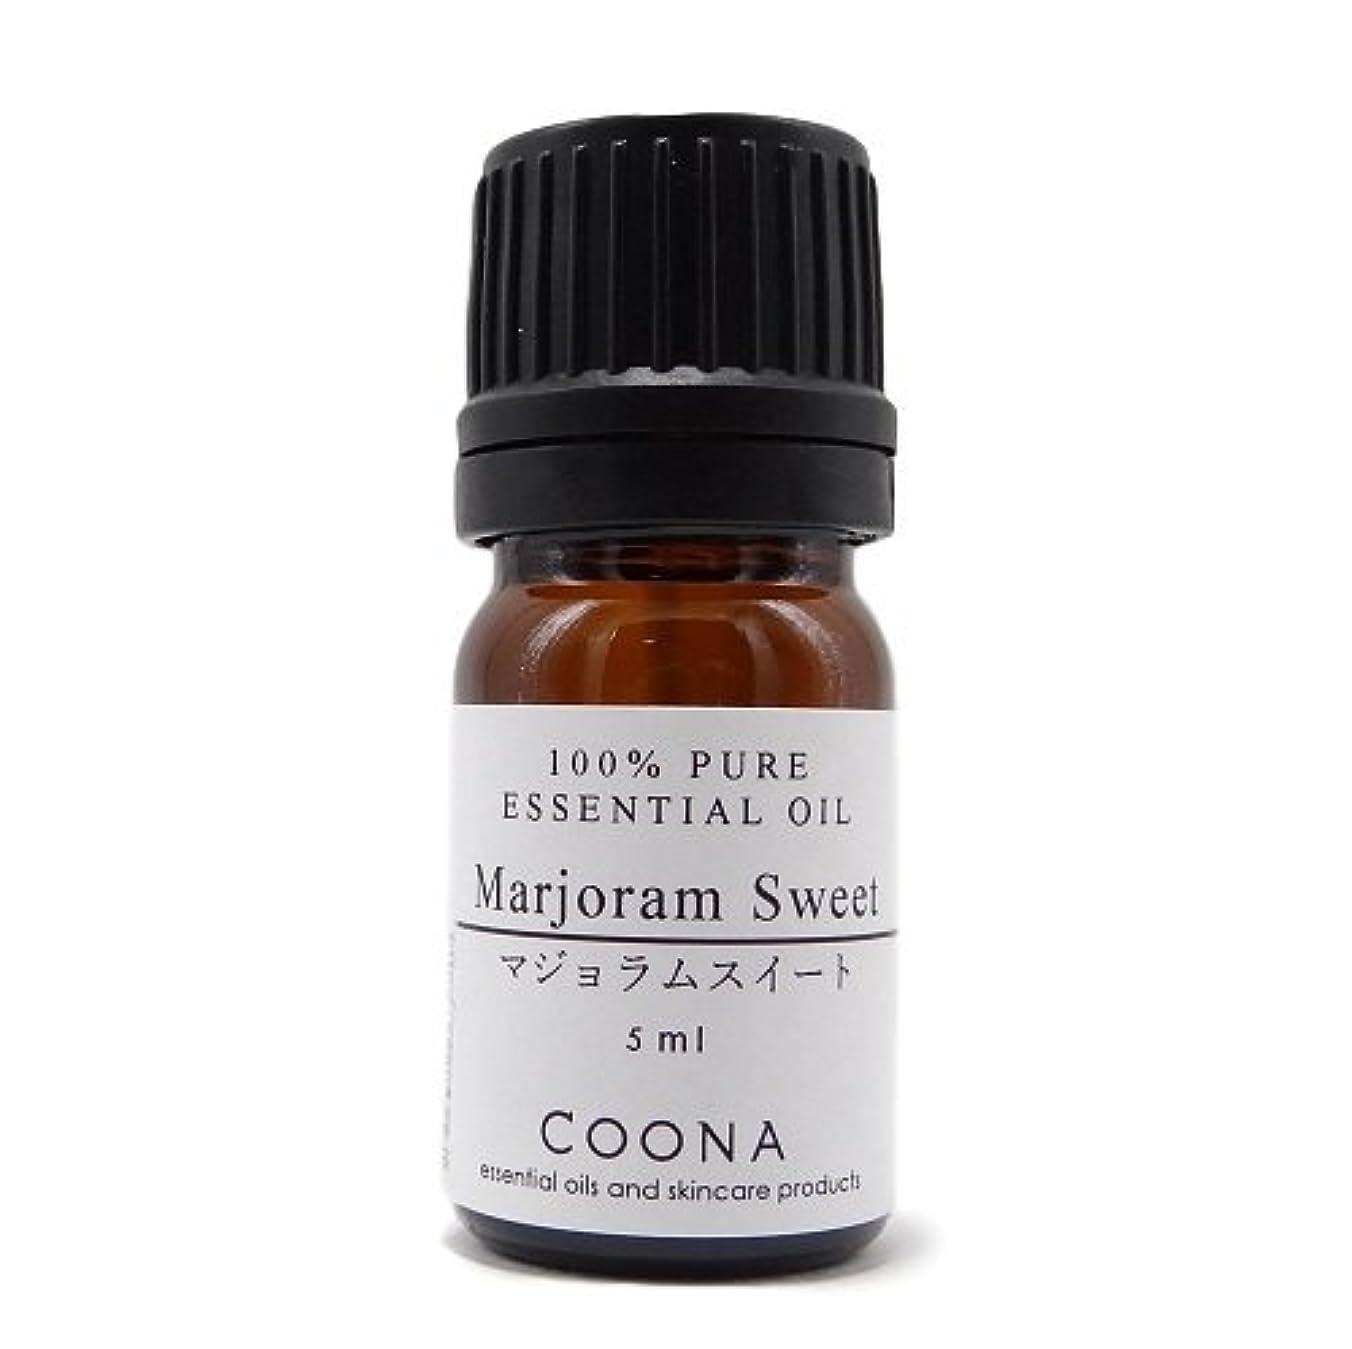 午後徹底資格マジョラム スイート 5 ml (COONA エッセンシャルオイル アロマオイル 100%天然植物精油)